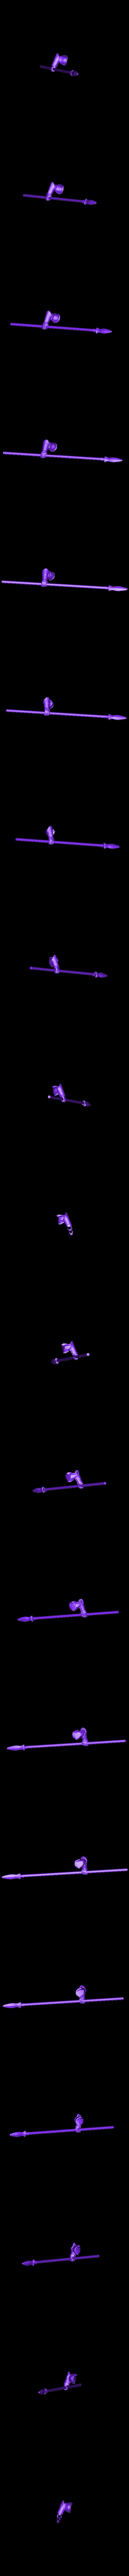 spear_v1.stl Télécharger fichier STL gratuit Infatrie des elfes / Miniatures des lanciers • Plan imprimable en 3D, Ilhadiel